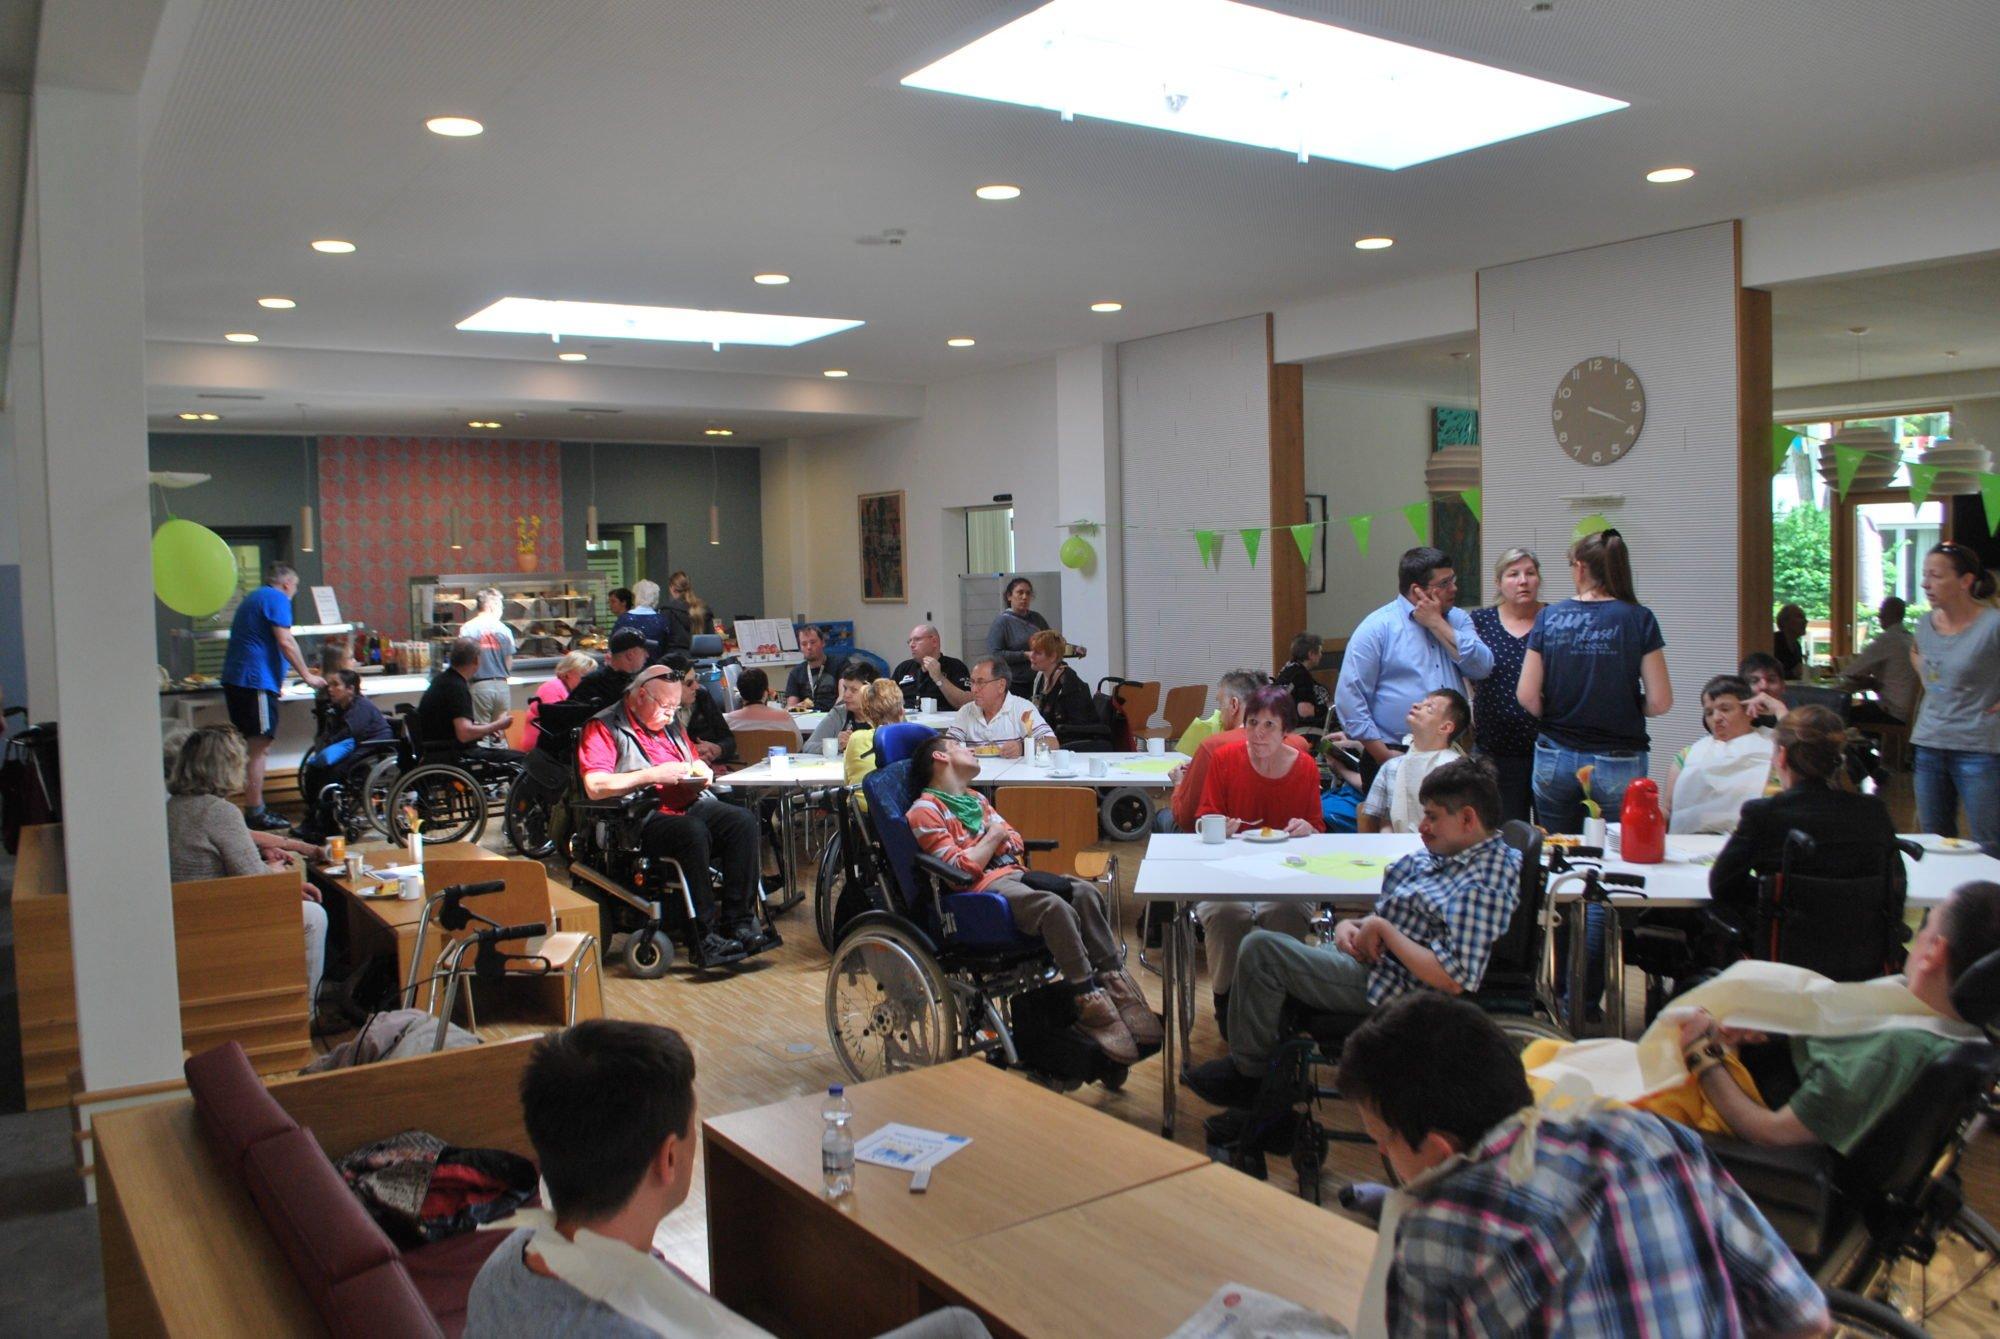 Der Tag der Nachbarn im vollen Gange: das Foyer ist voll mit Menschen. Viele davon im Rollstuhl.